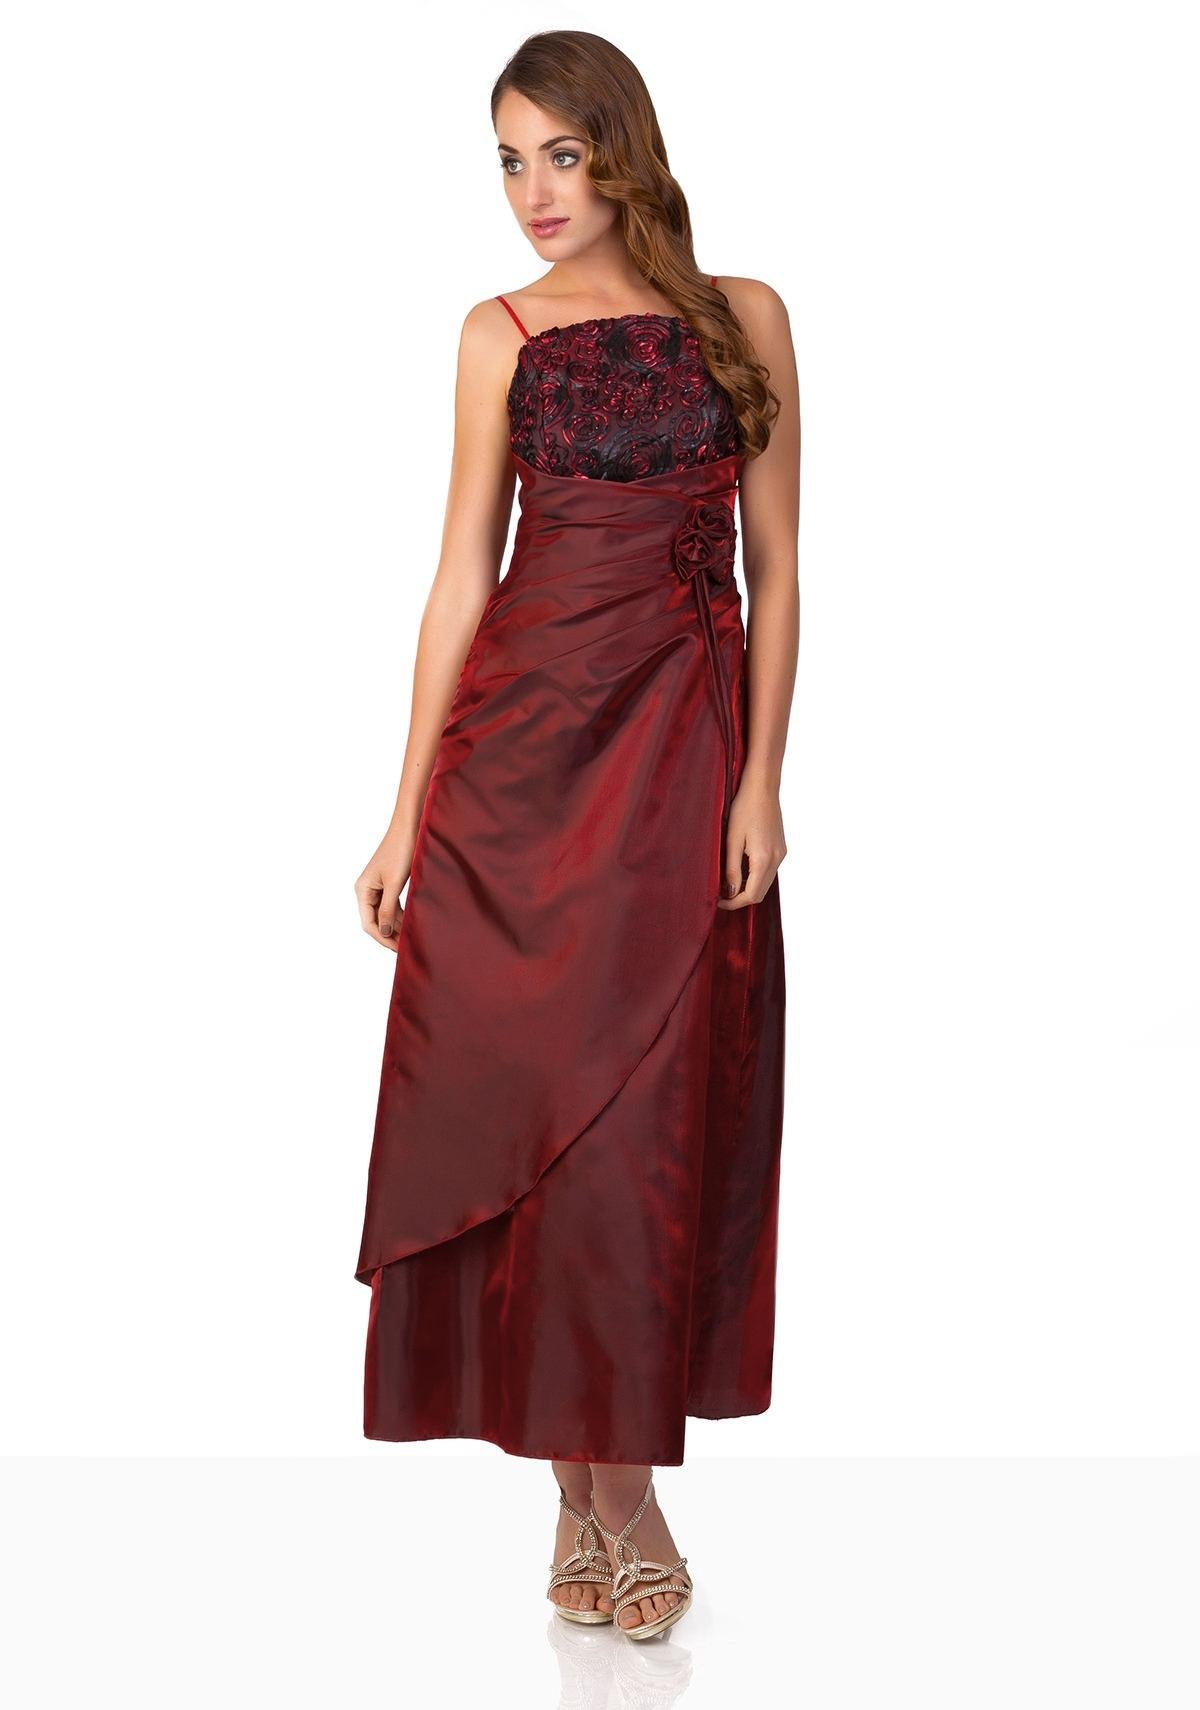 17 Elegant Abendkleider Günstig Bestellen Ärmel17 Genial Abendkleider Günstig Bestellen Galerie